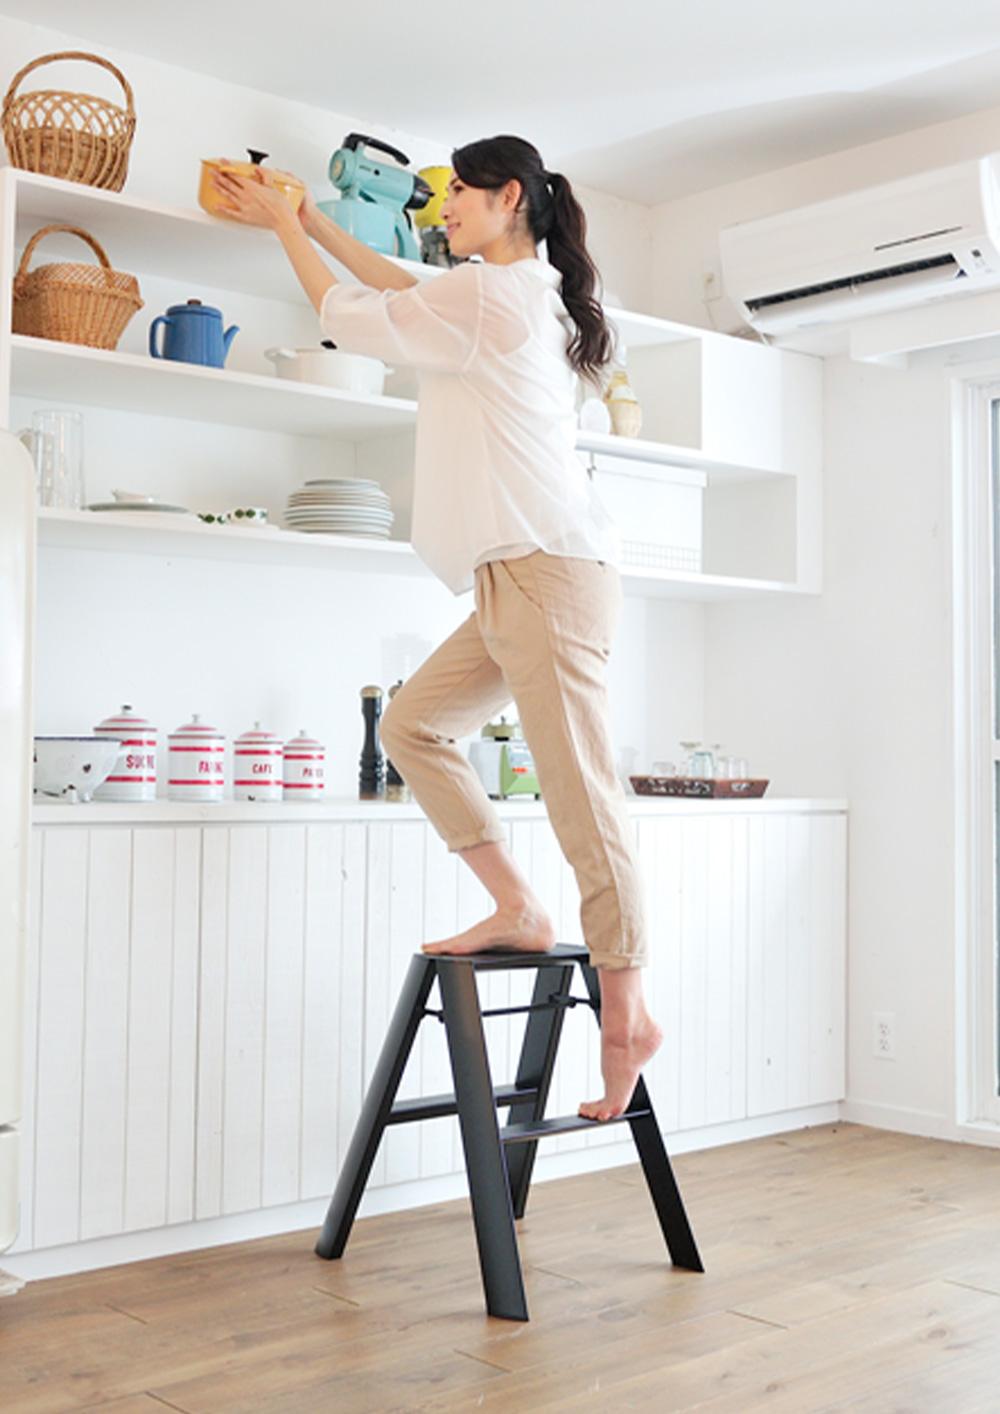 lucano Step stool(ルカーノ ステップスツール)のイメージ写真01